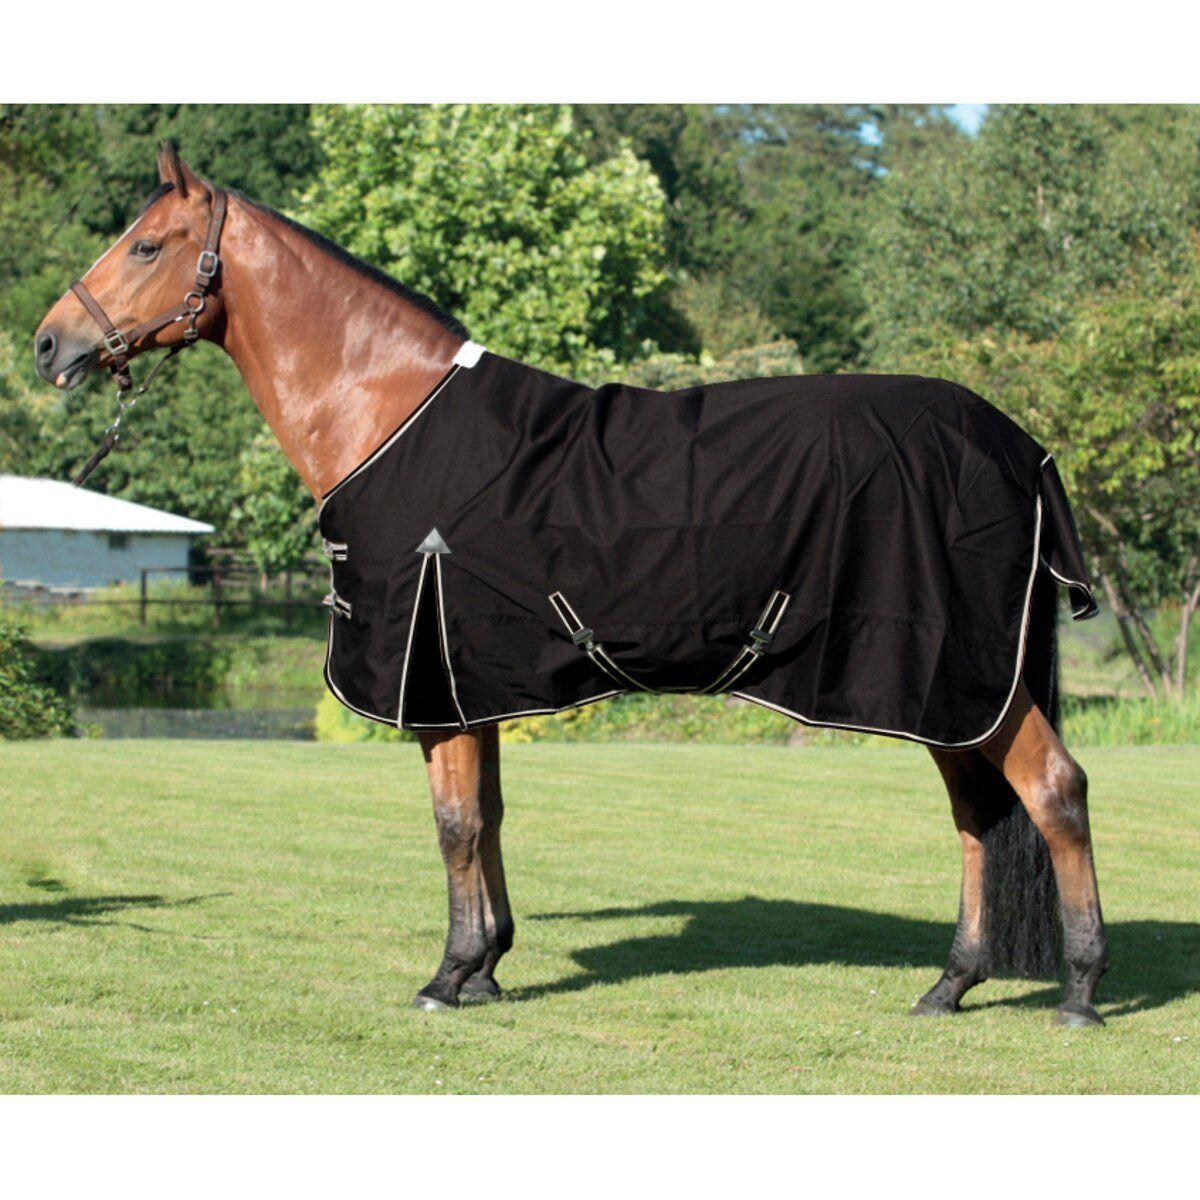 Eldorado Manta de Entretiempo para Caballos,150G - Negro - 165cm Cubierta